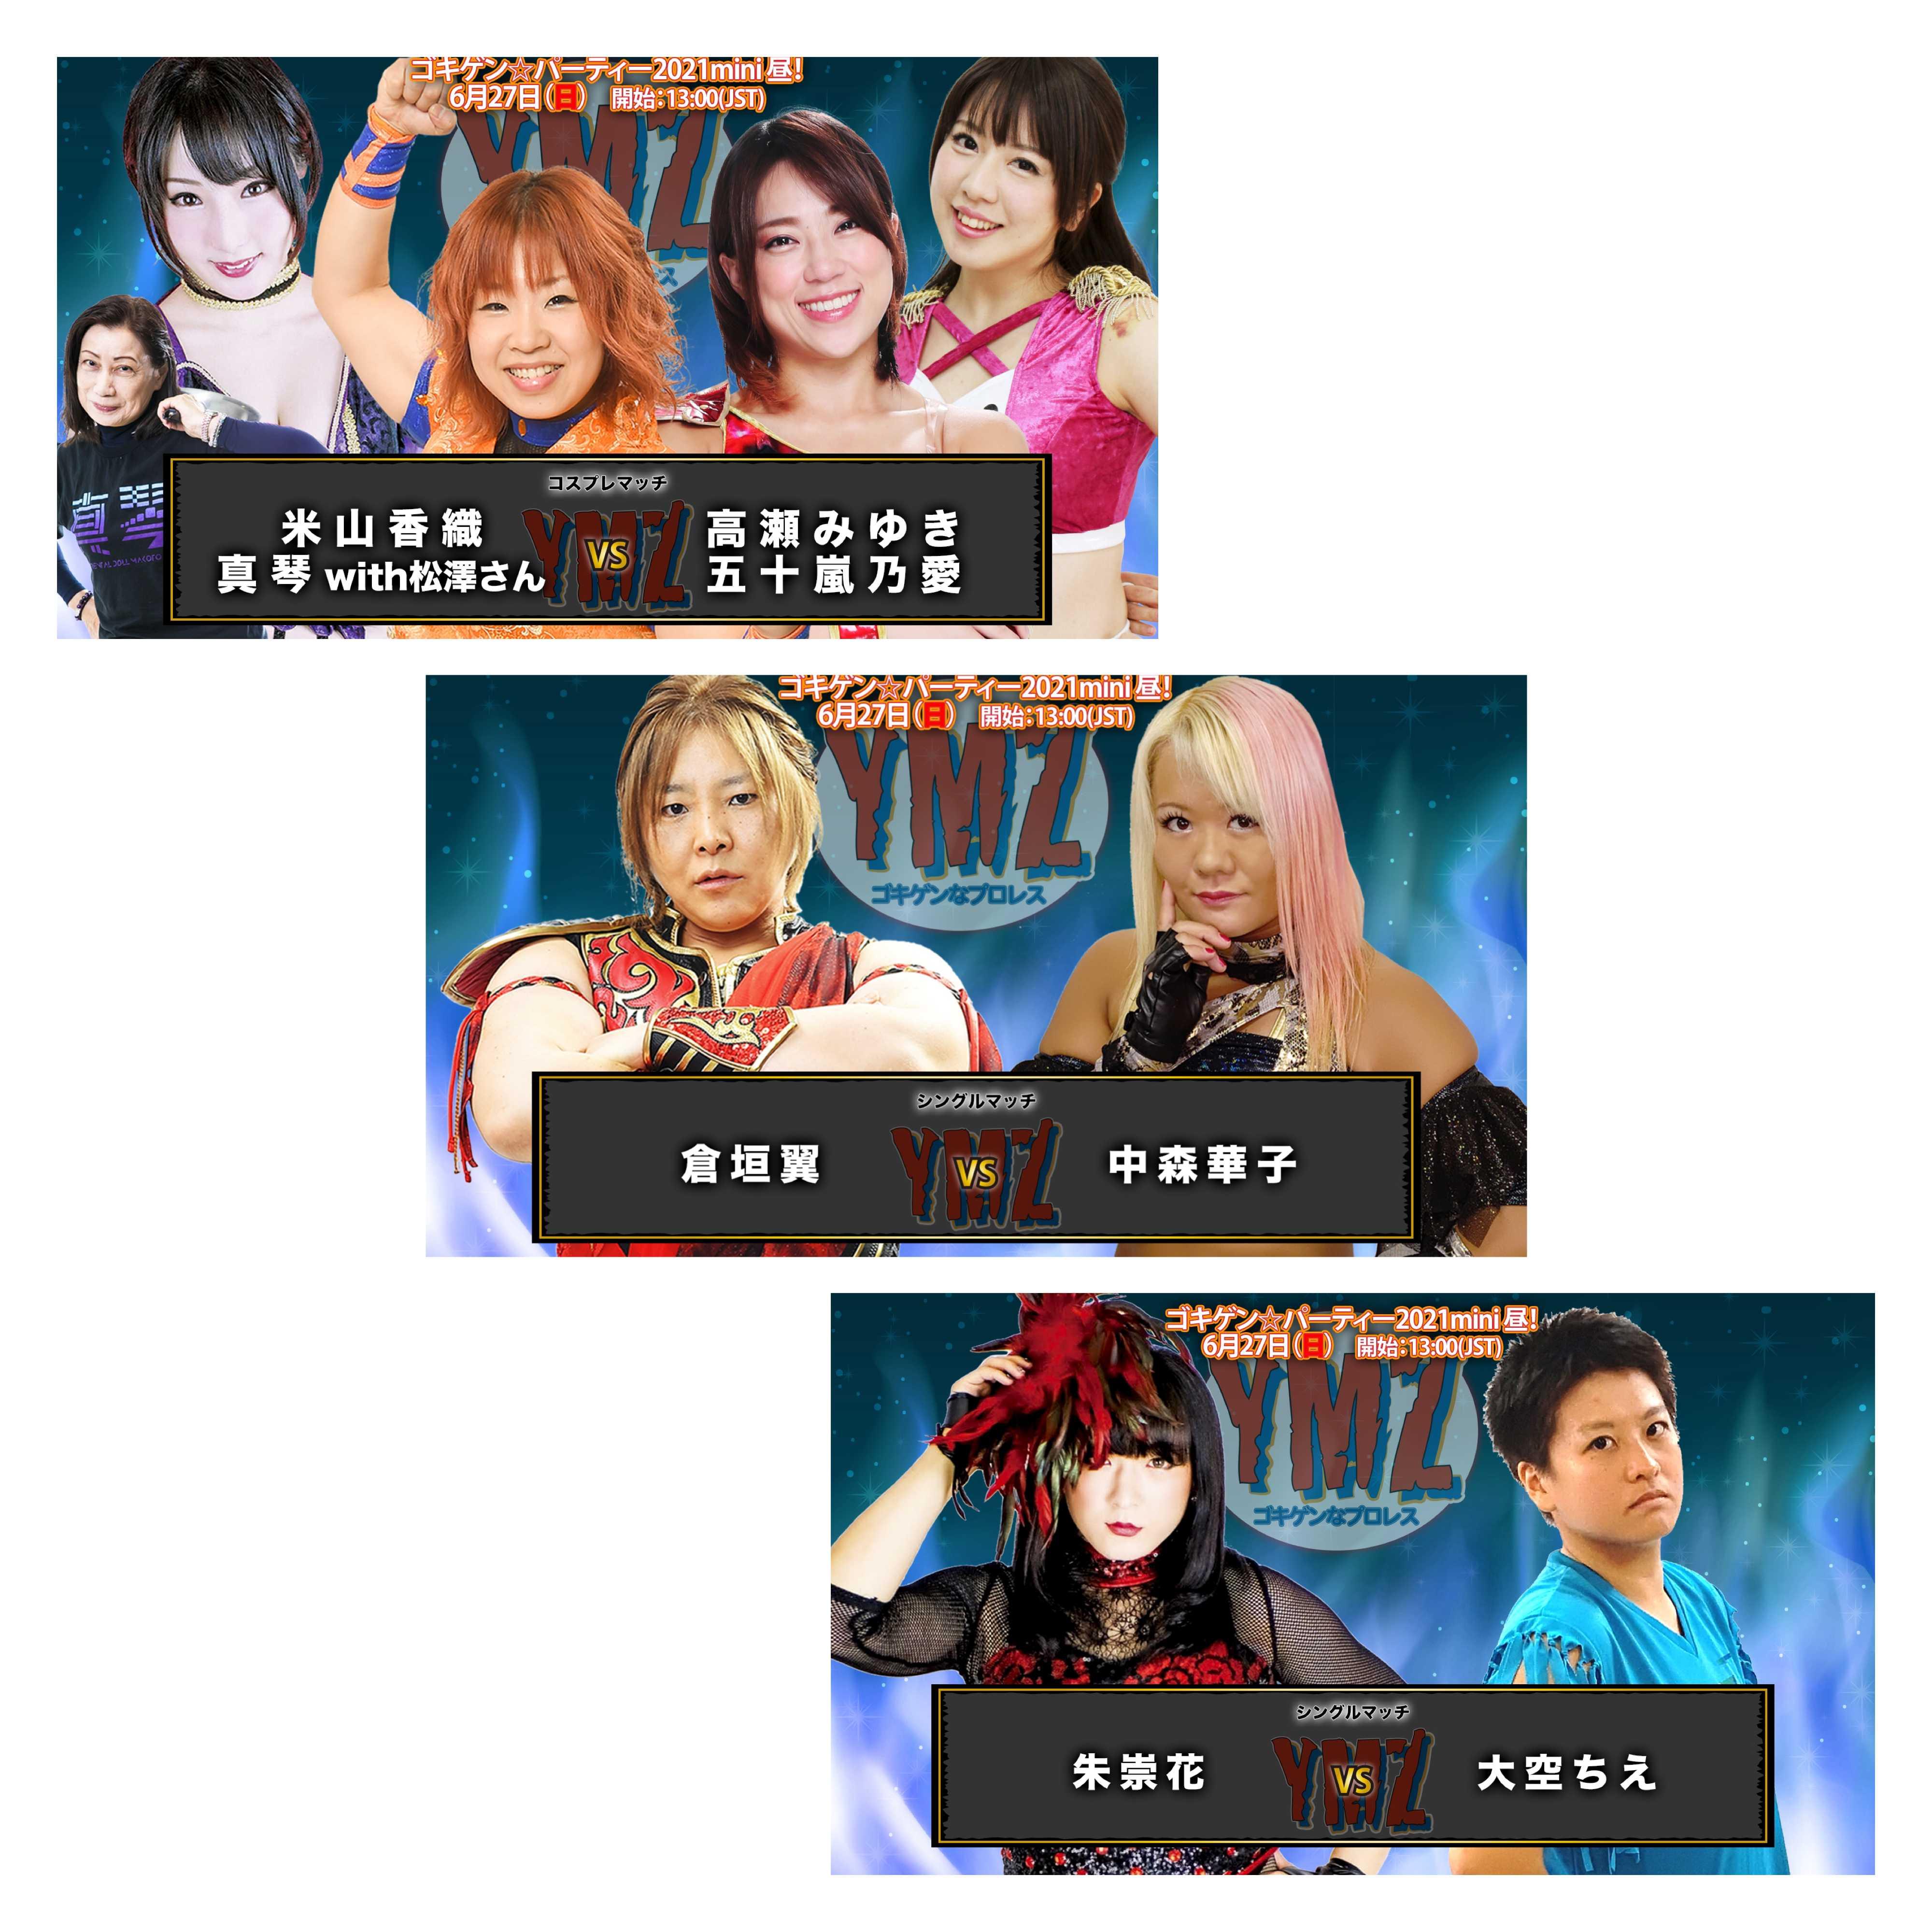 21.6.27ゴキゲン☆パーティー2021mini昼!亀アリーナ